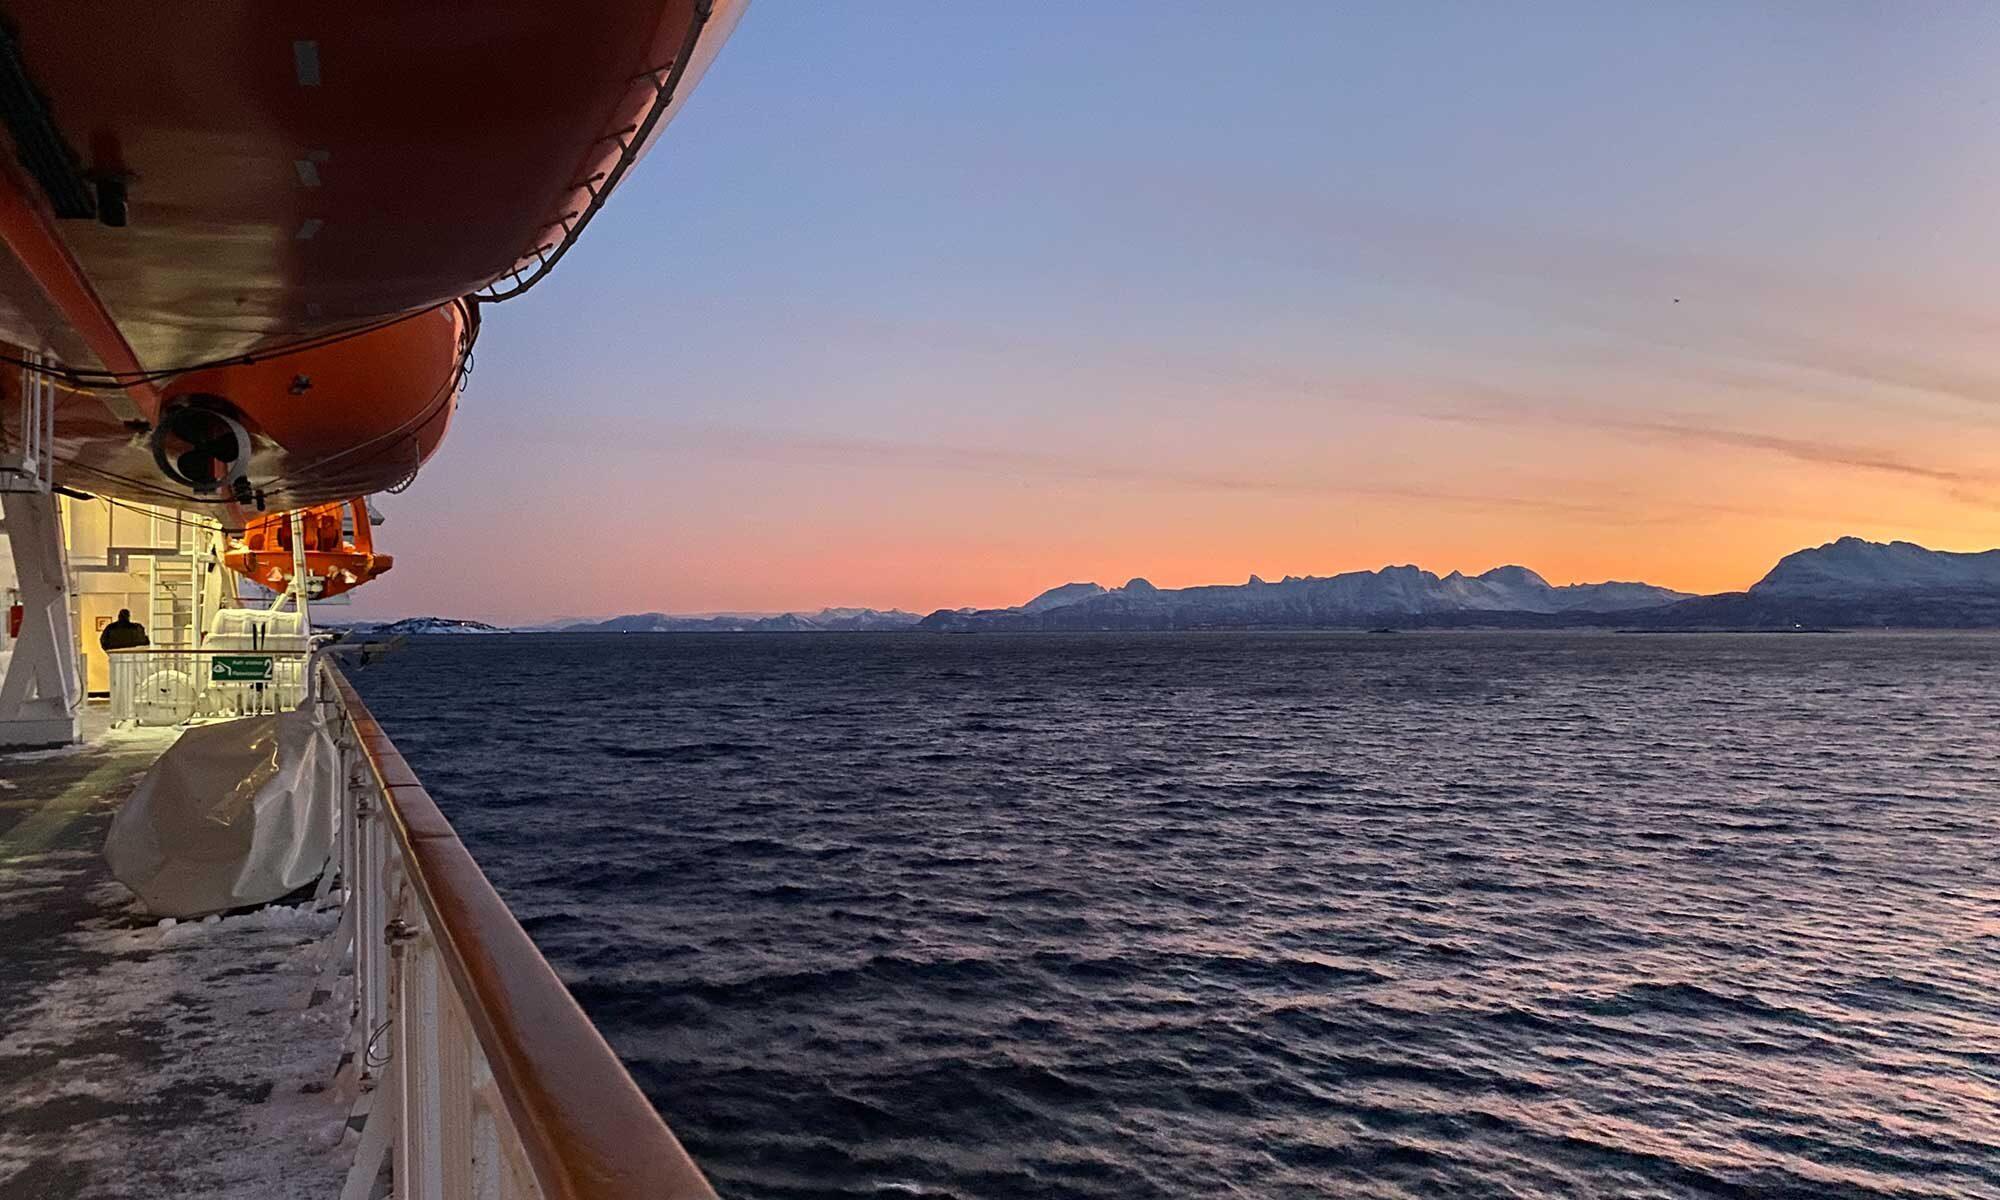 Das Bild zeit einen Sonnenaufgang, Blich vom Schiff MS Nordnorge